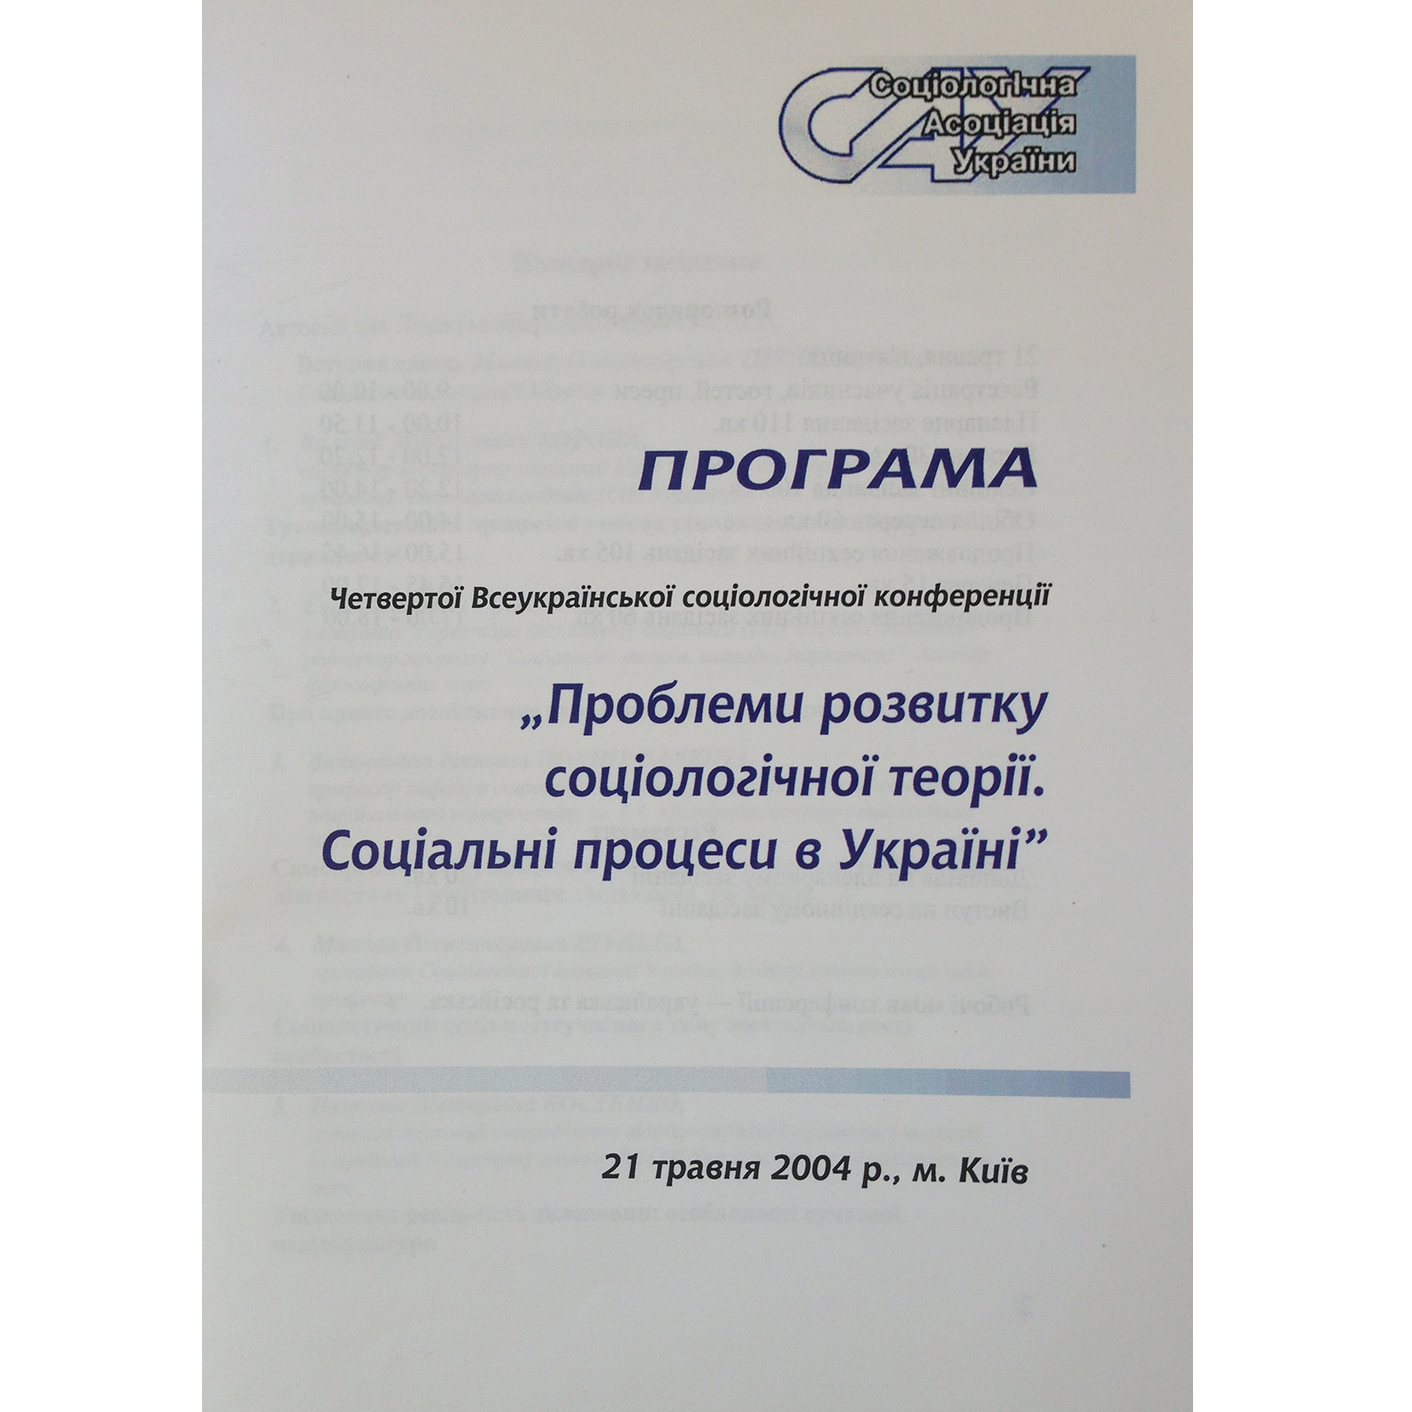 21 травня 2004 року, м. Київ, Україна.